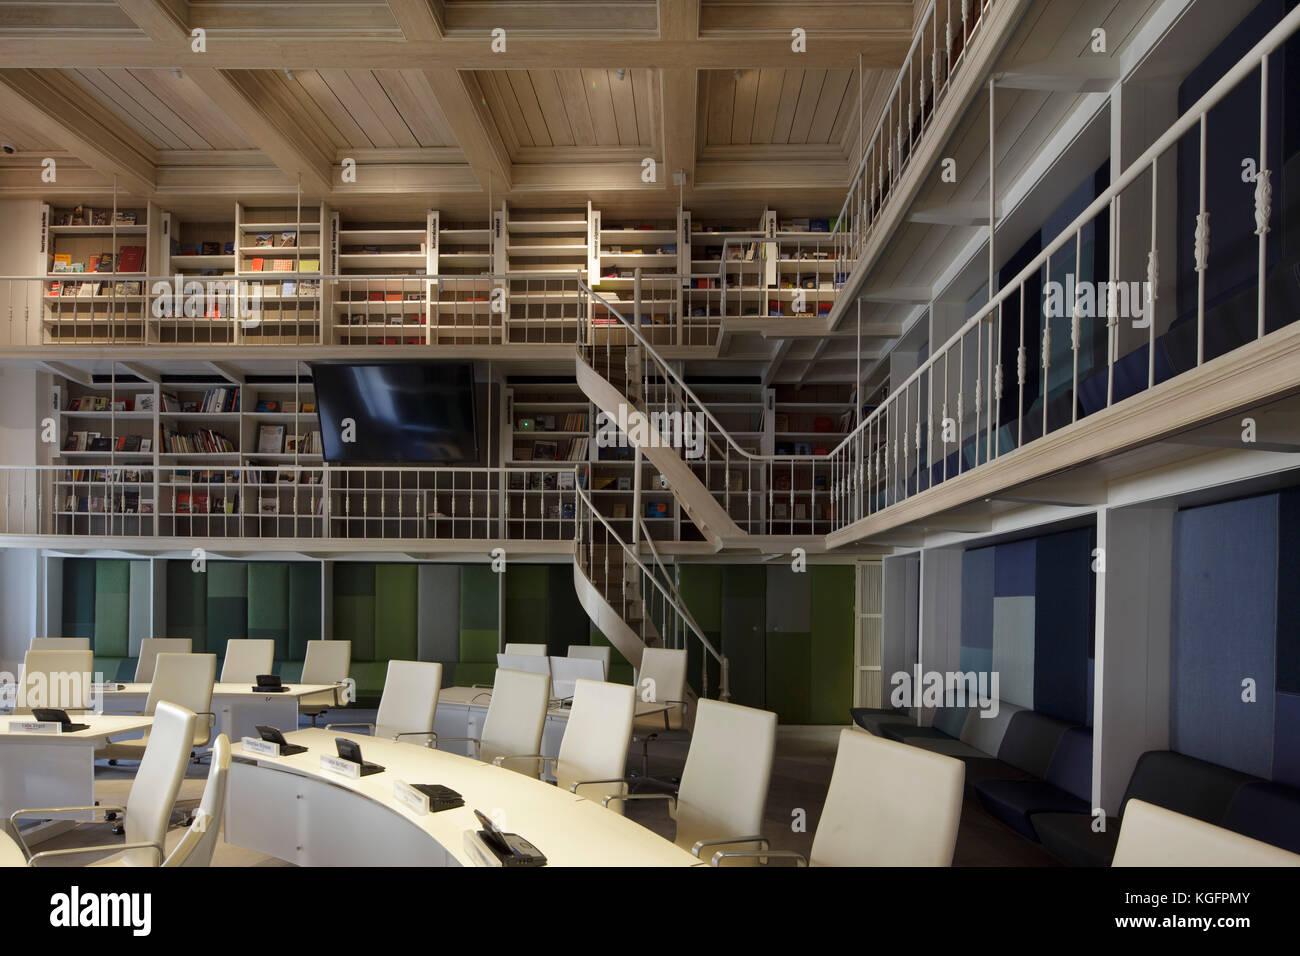 Gemeindeversammlung Kammer mit zeitgenössischen kreisförmigen Sitzbereich und Bücherregalen und Laufstegen Stockbild